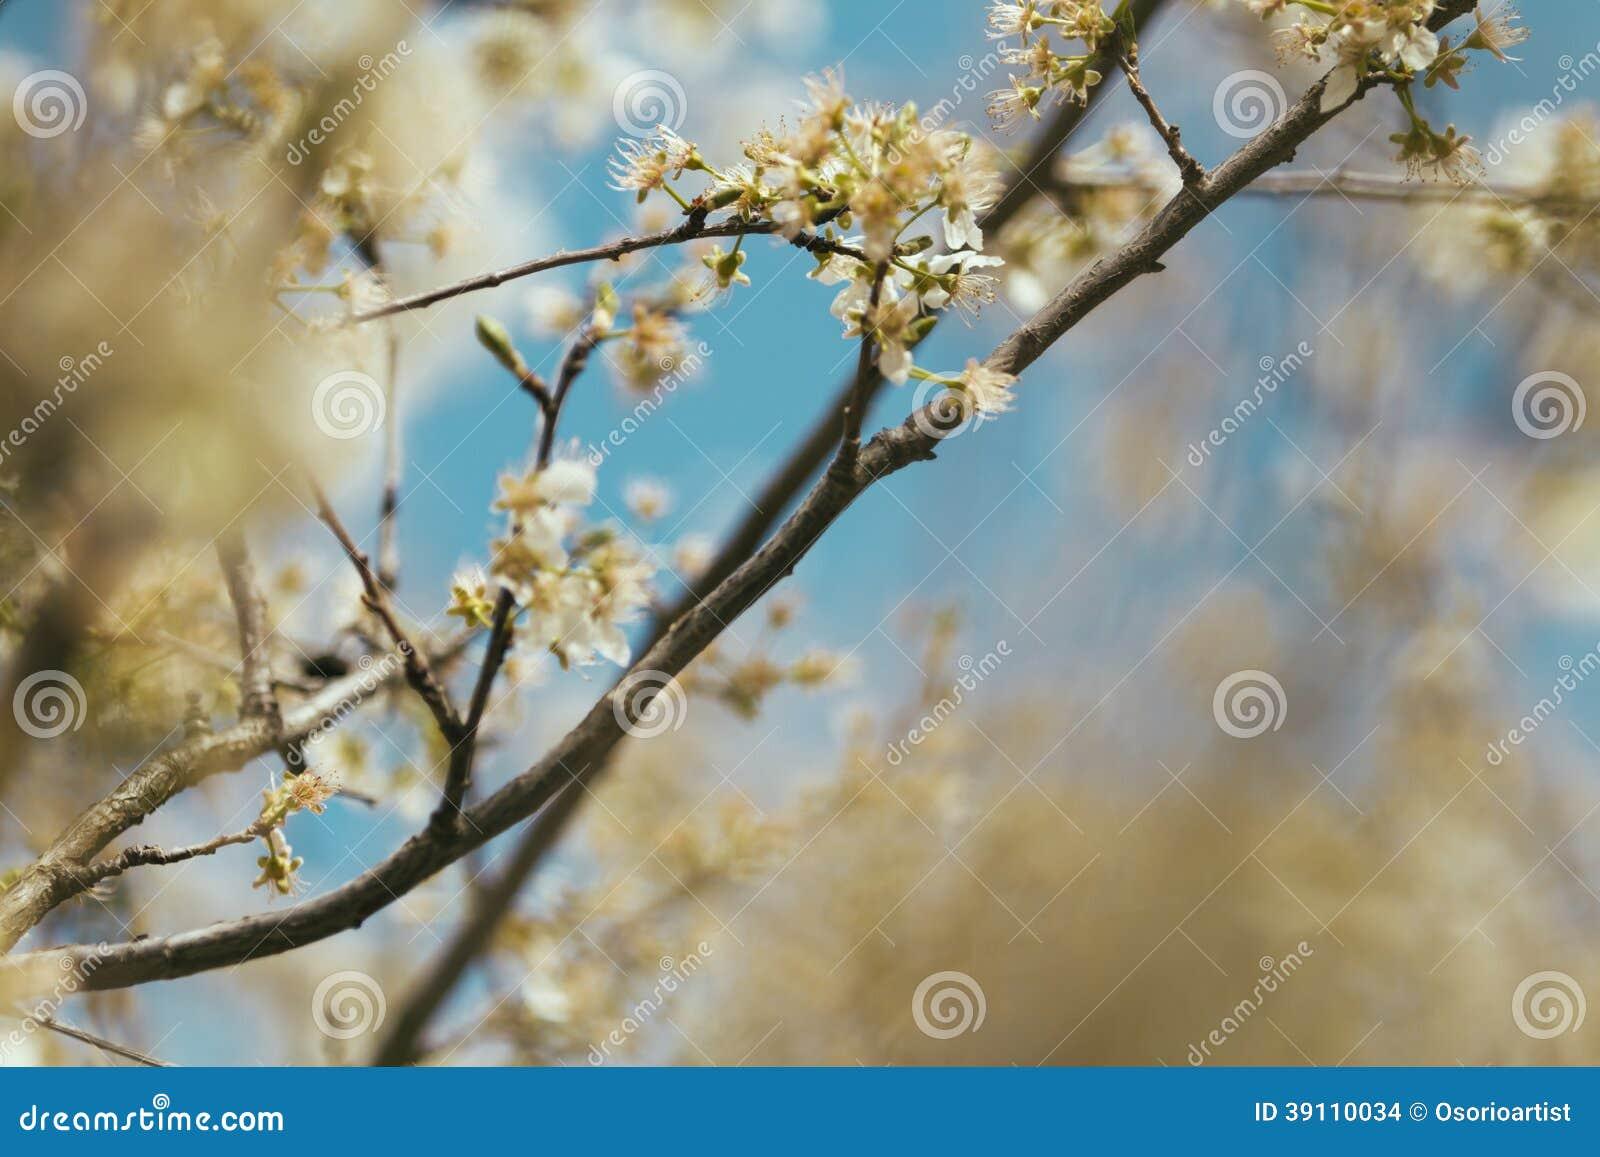 De bloem van de de lenteboom en blauwe achtergrond